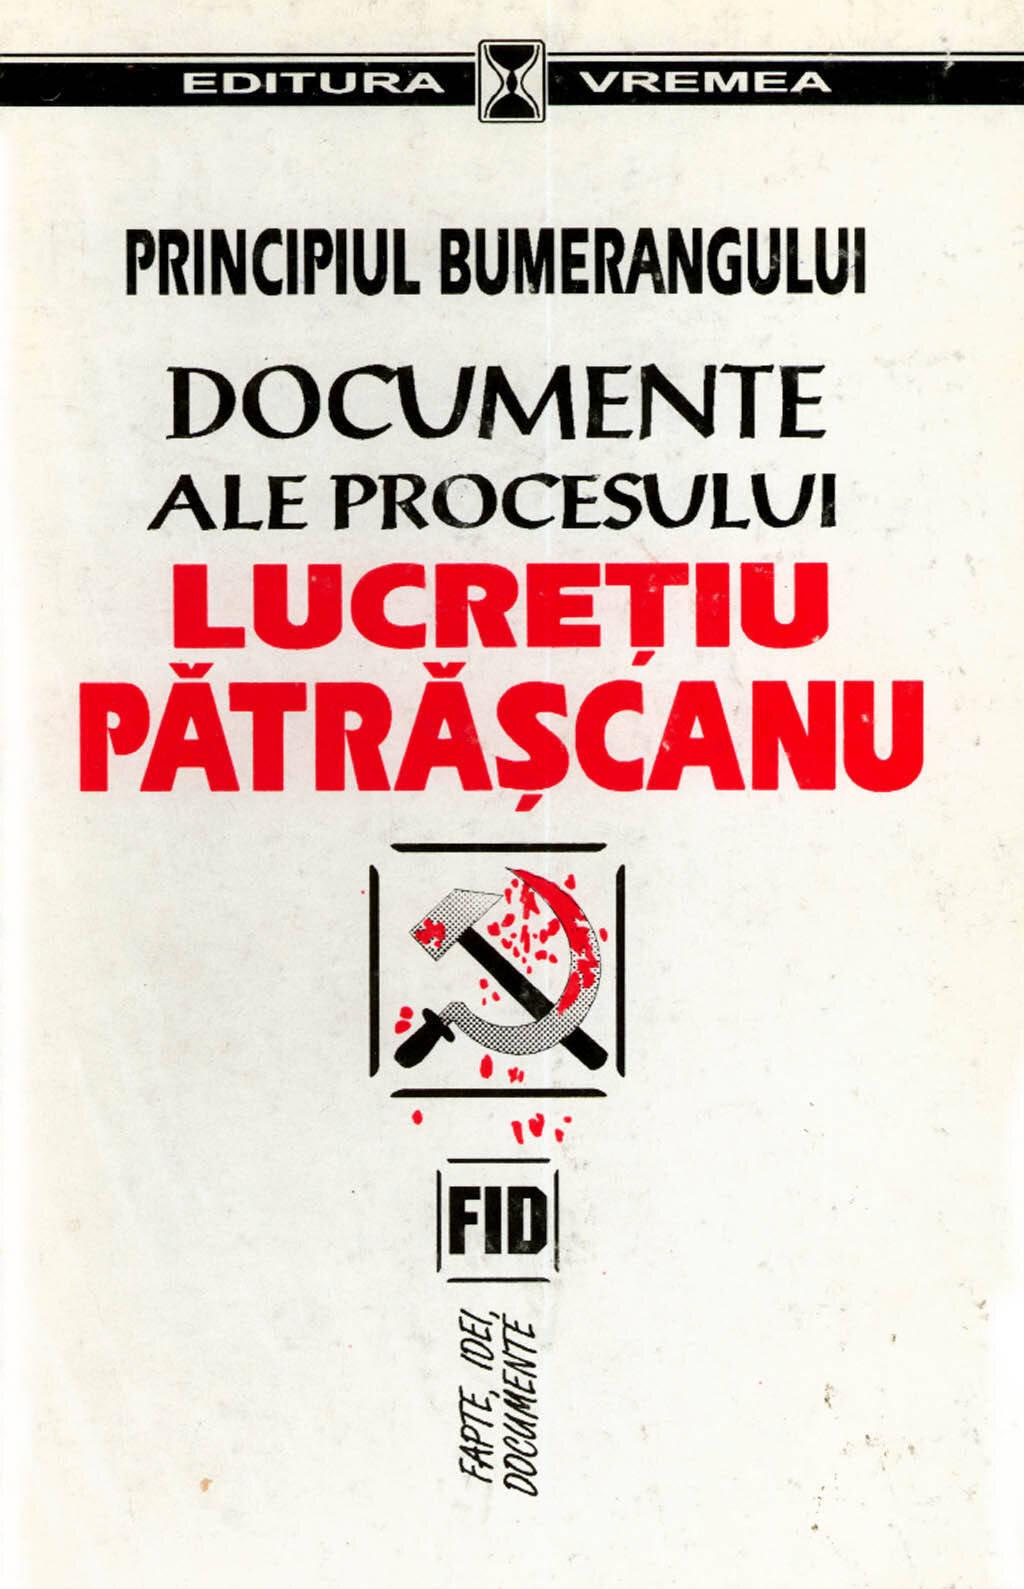 Principiul bumerangului. Documente ale procesului Lucretiu Patrascanu (eBook)